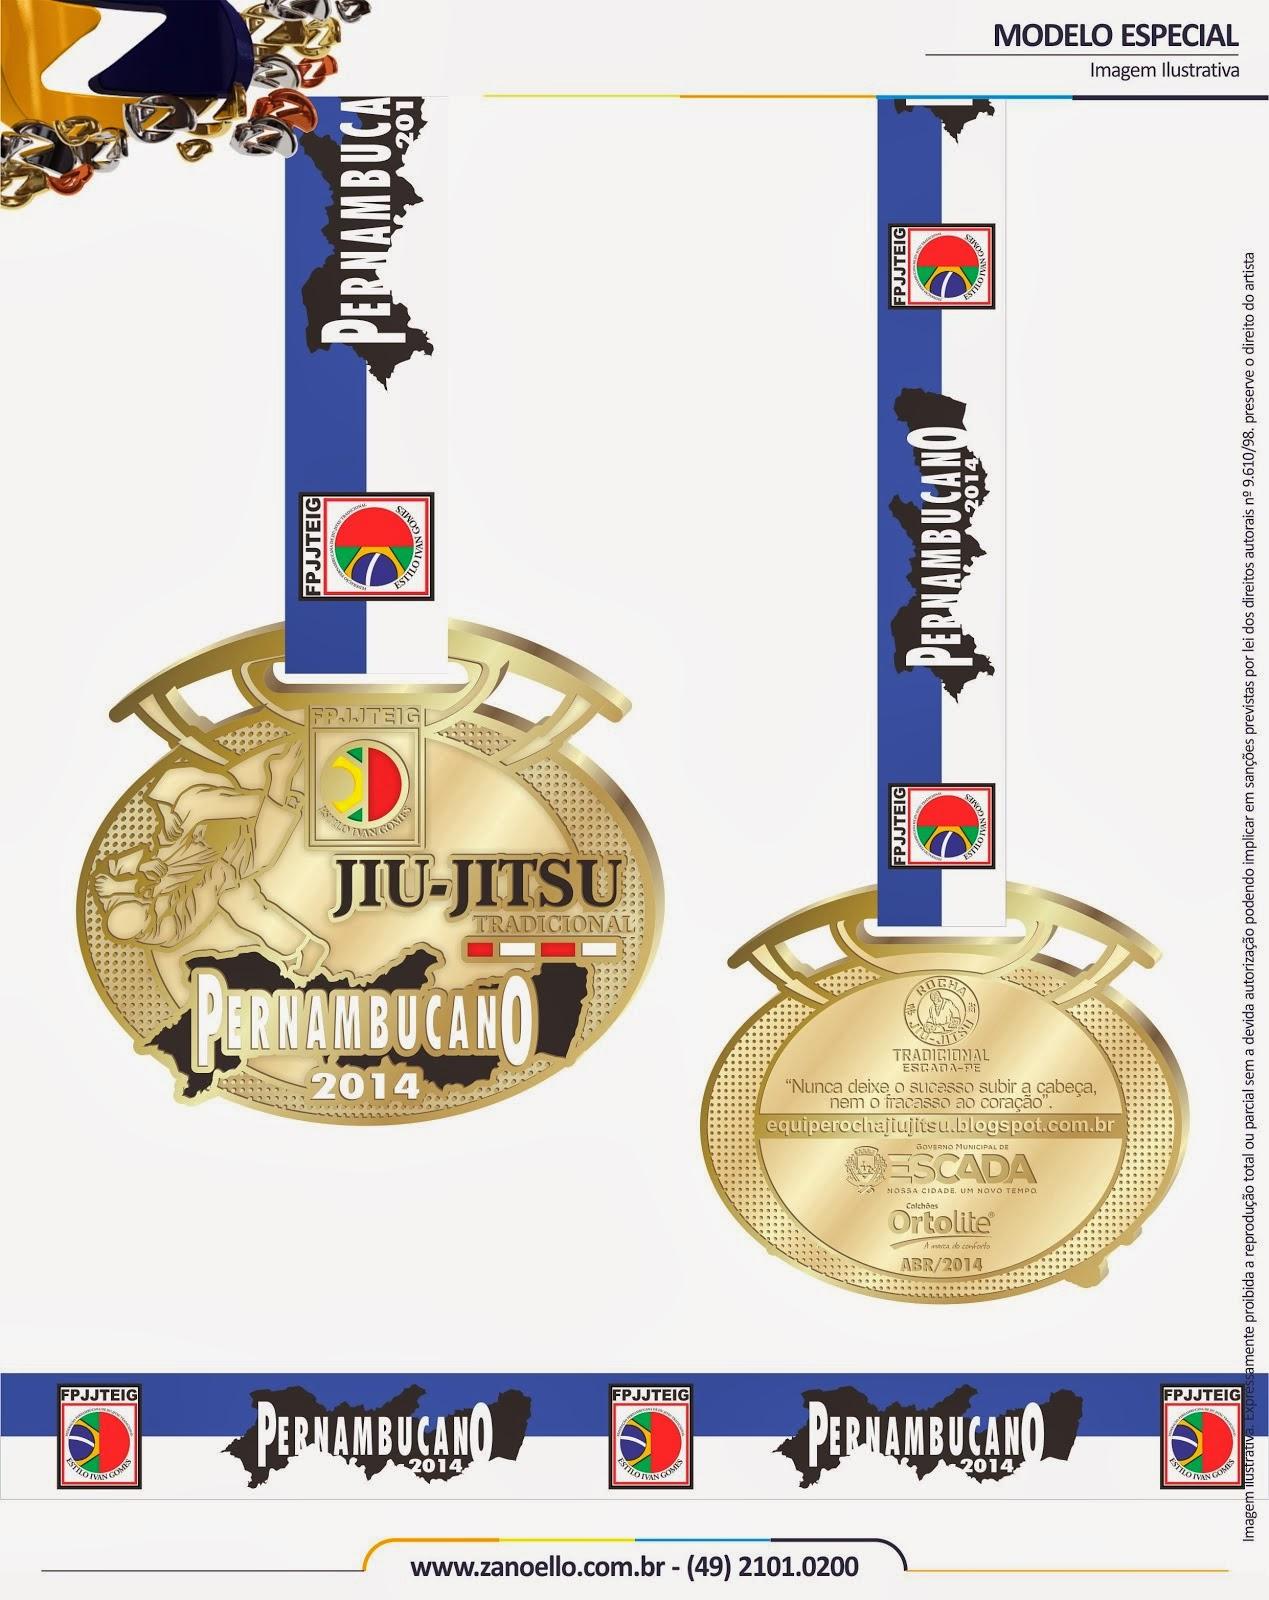 PERNAMBUCANO TRADICIONAL 2014